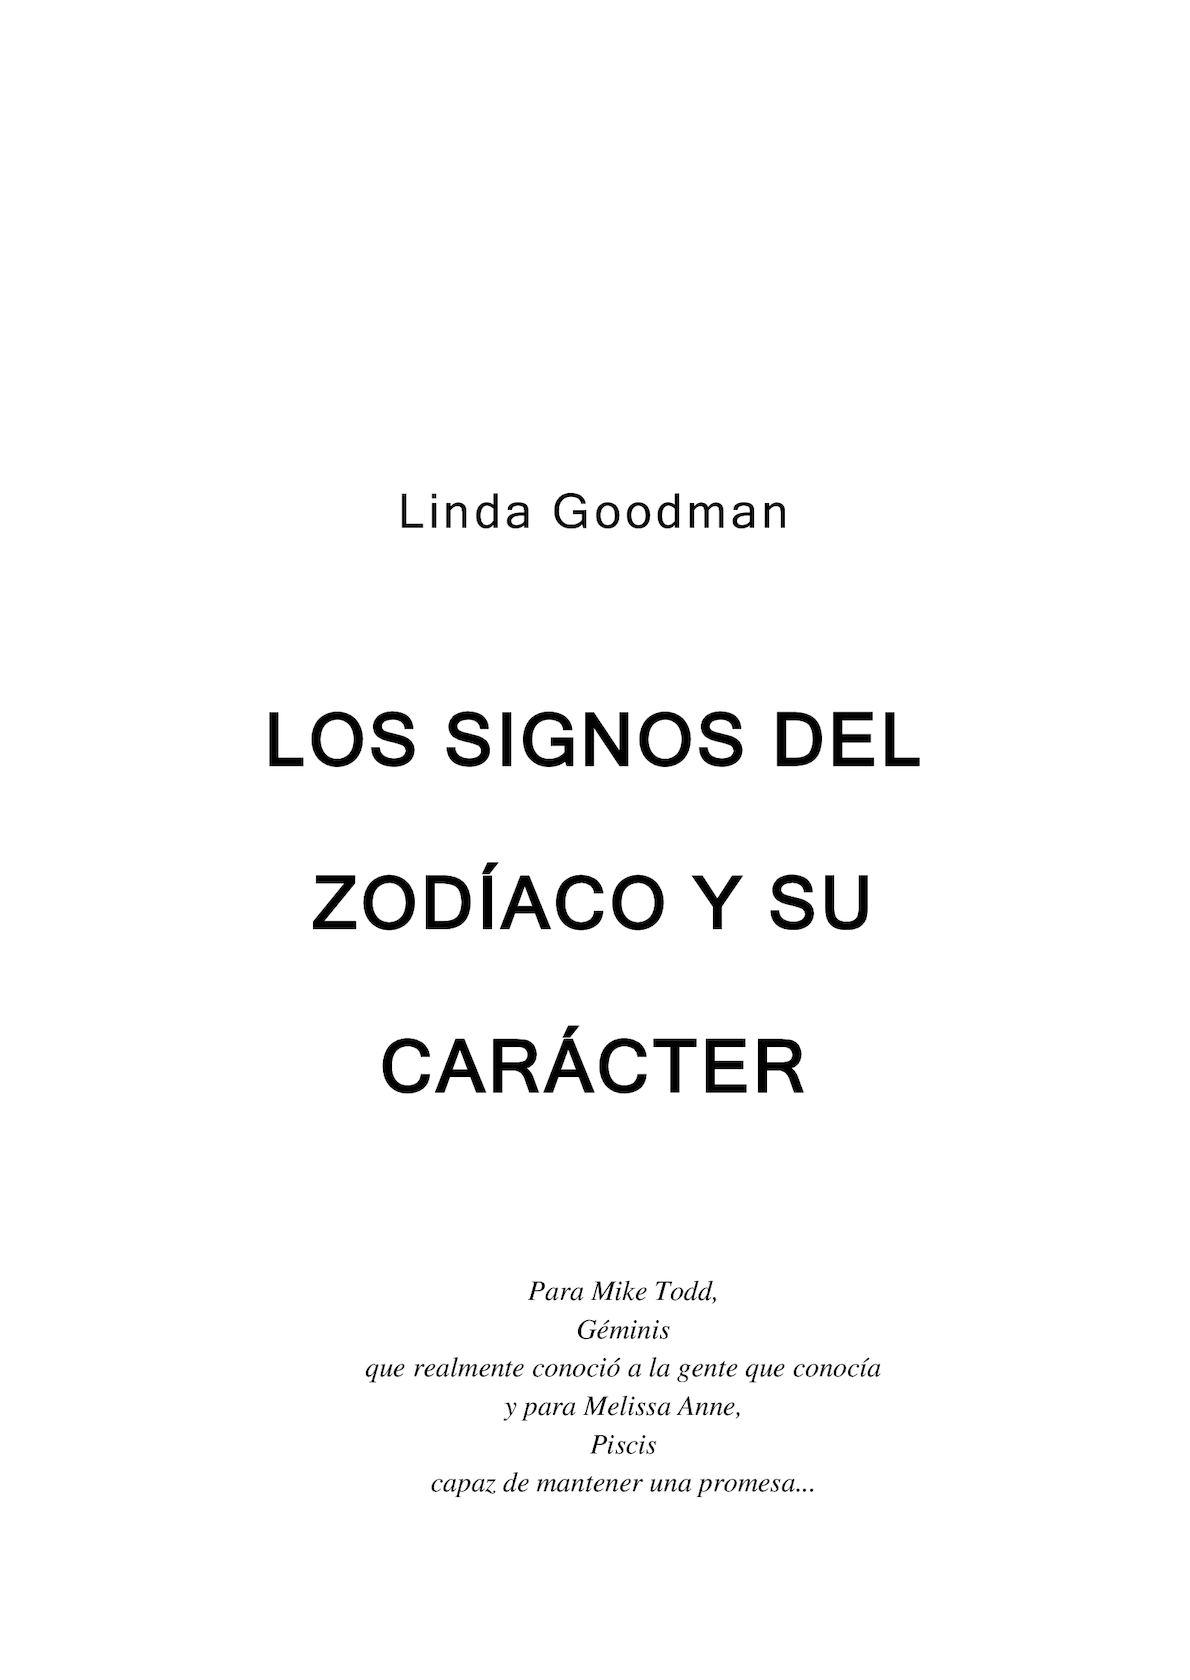 Calaméo - Lindagoodman c43b3a114d08